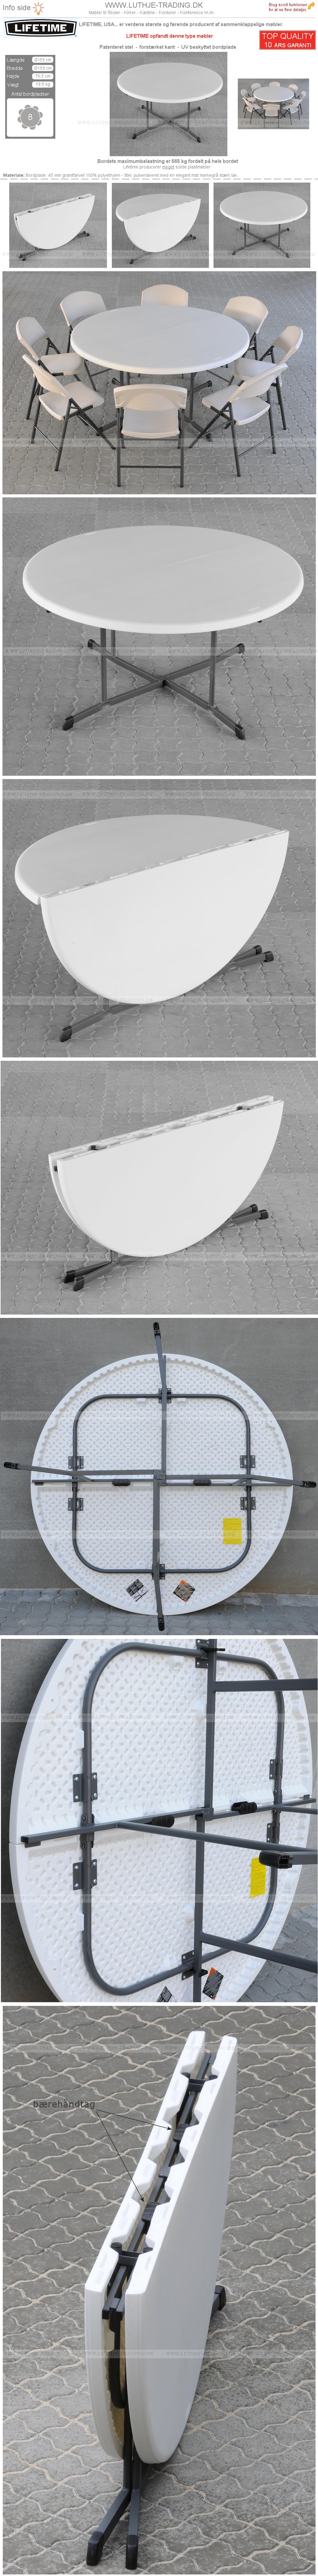 Runde borde fold Lifetime Ø153 cm.